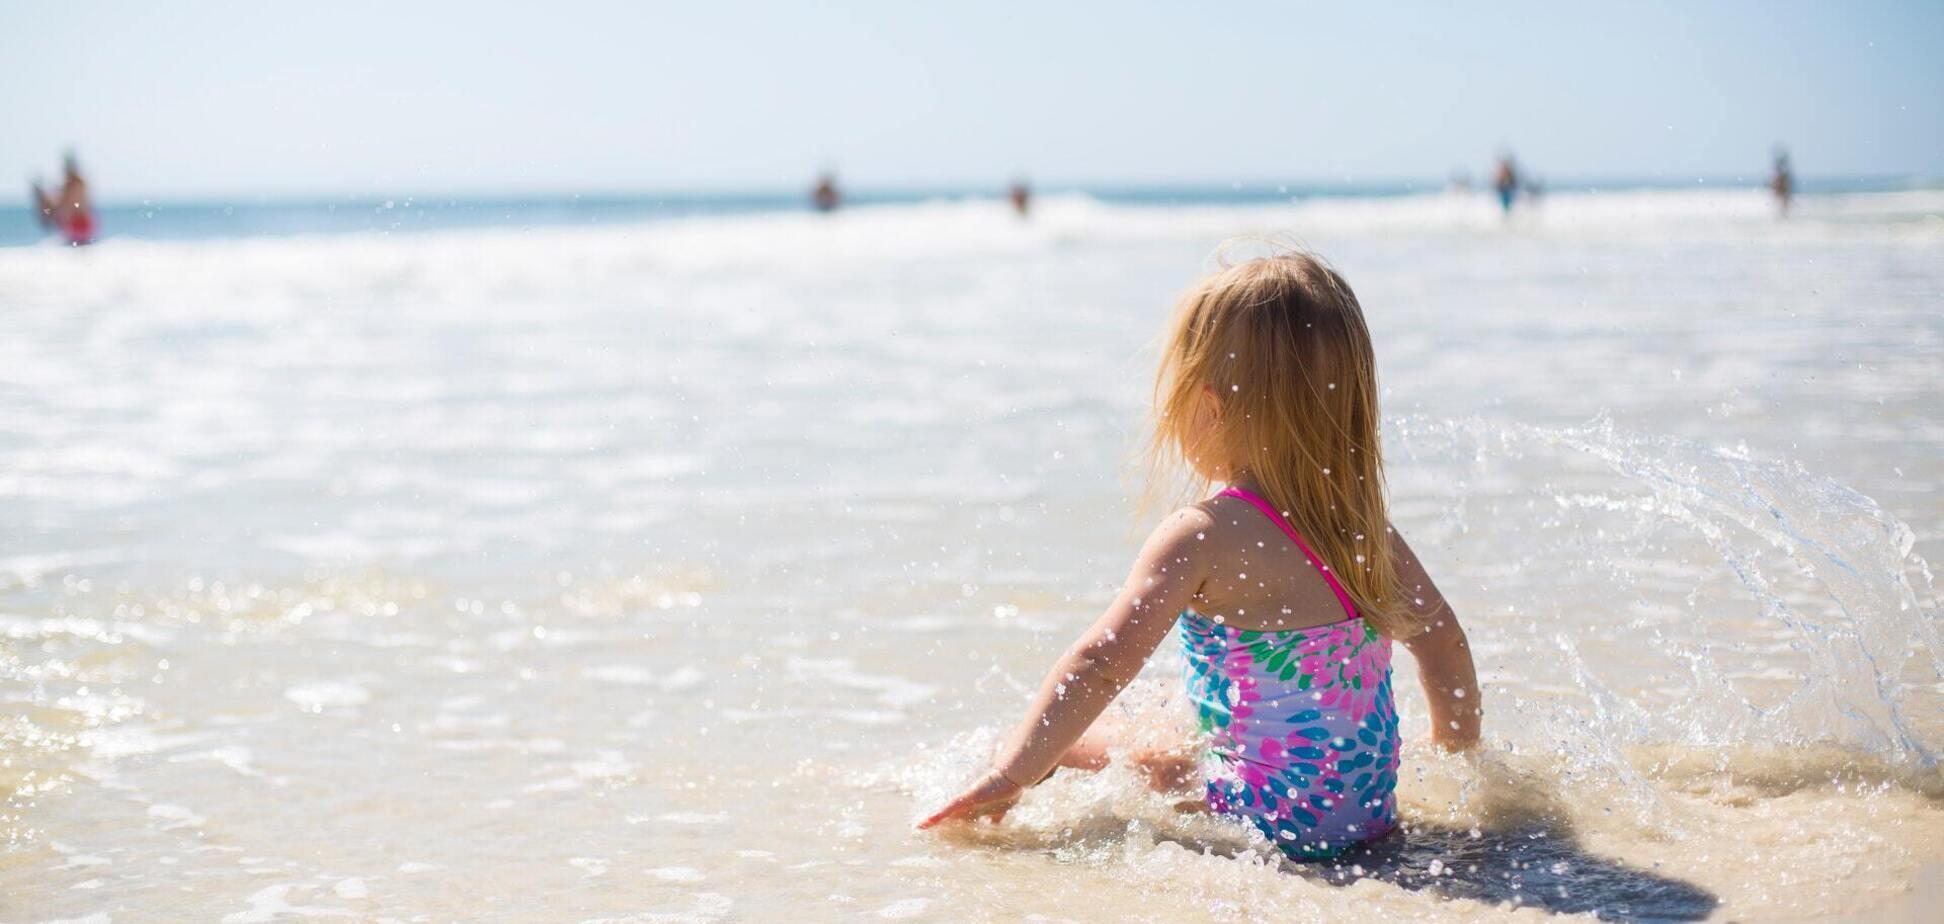 Пляжный алкоголизм и смертность на воде бьют рекорды!